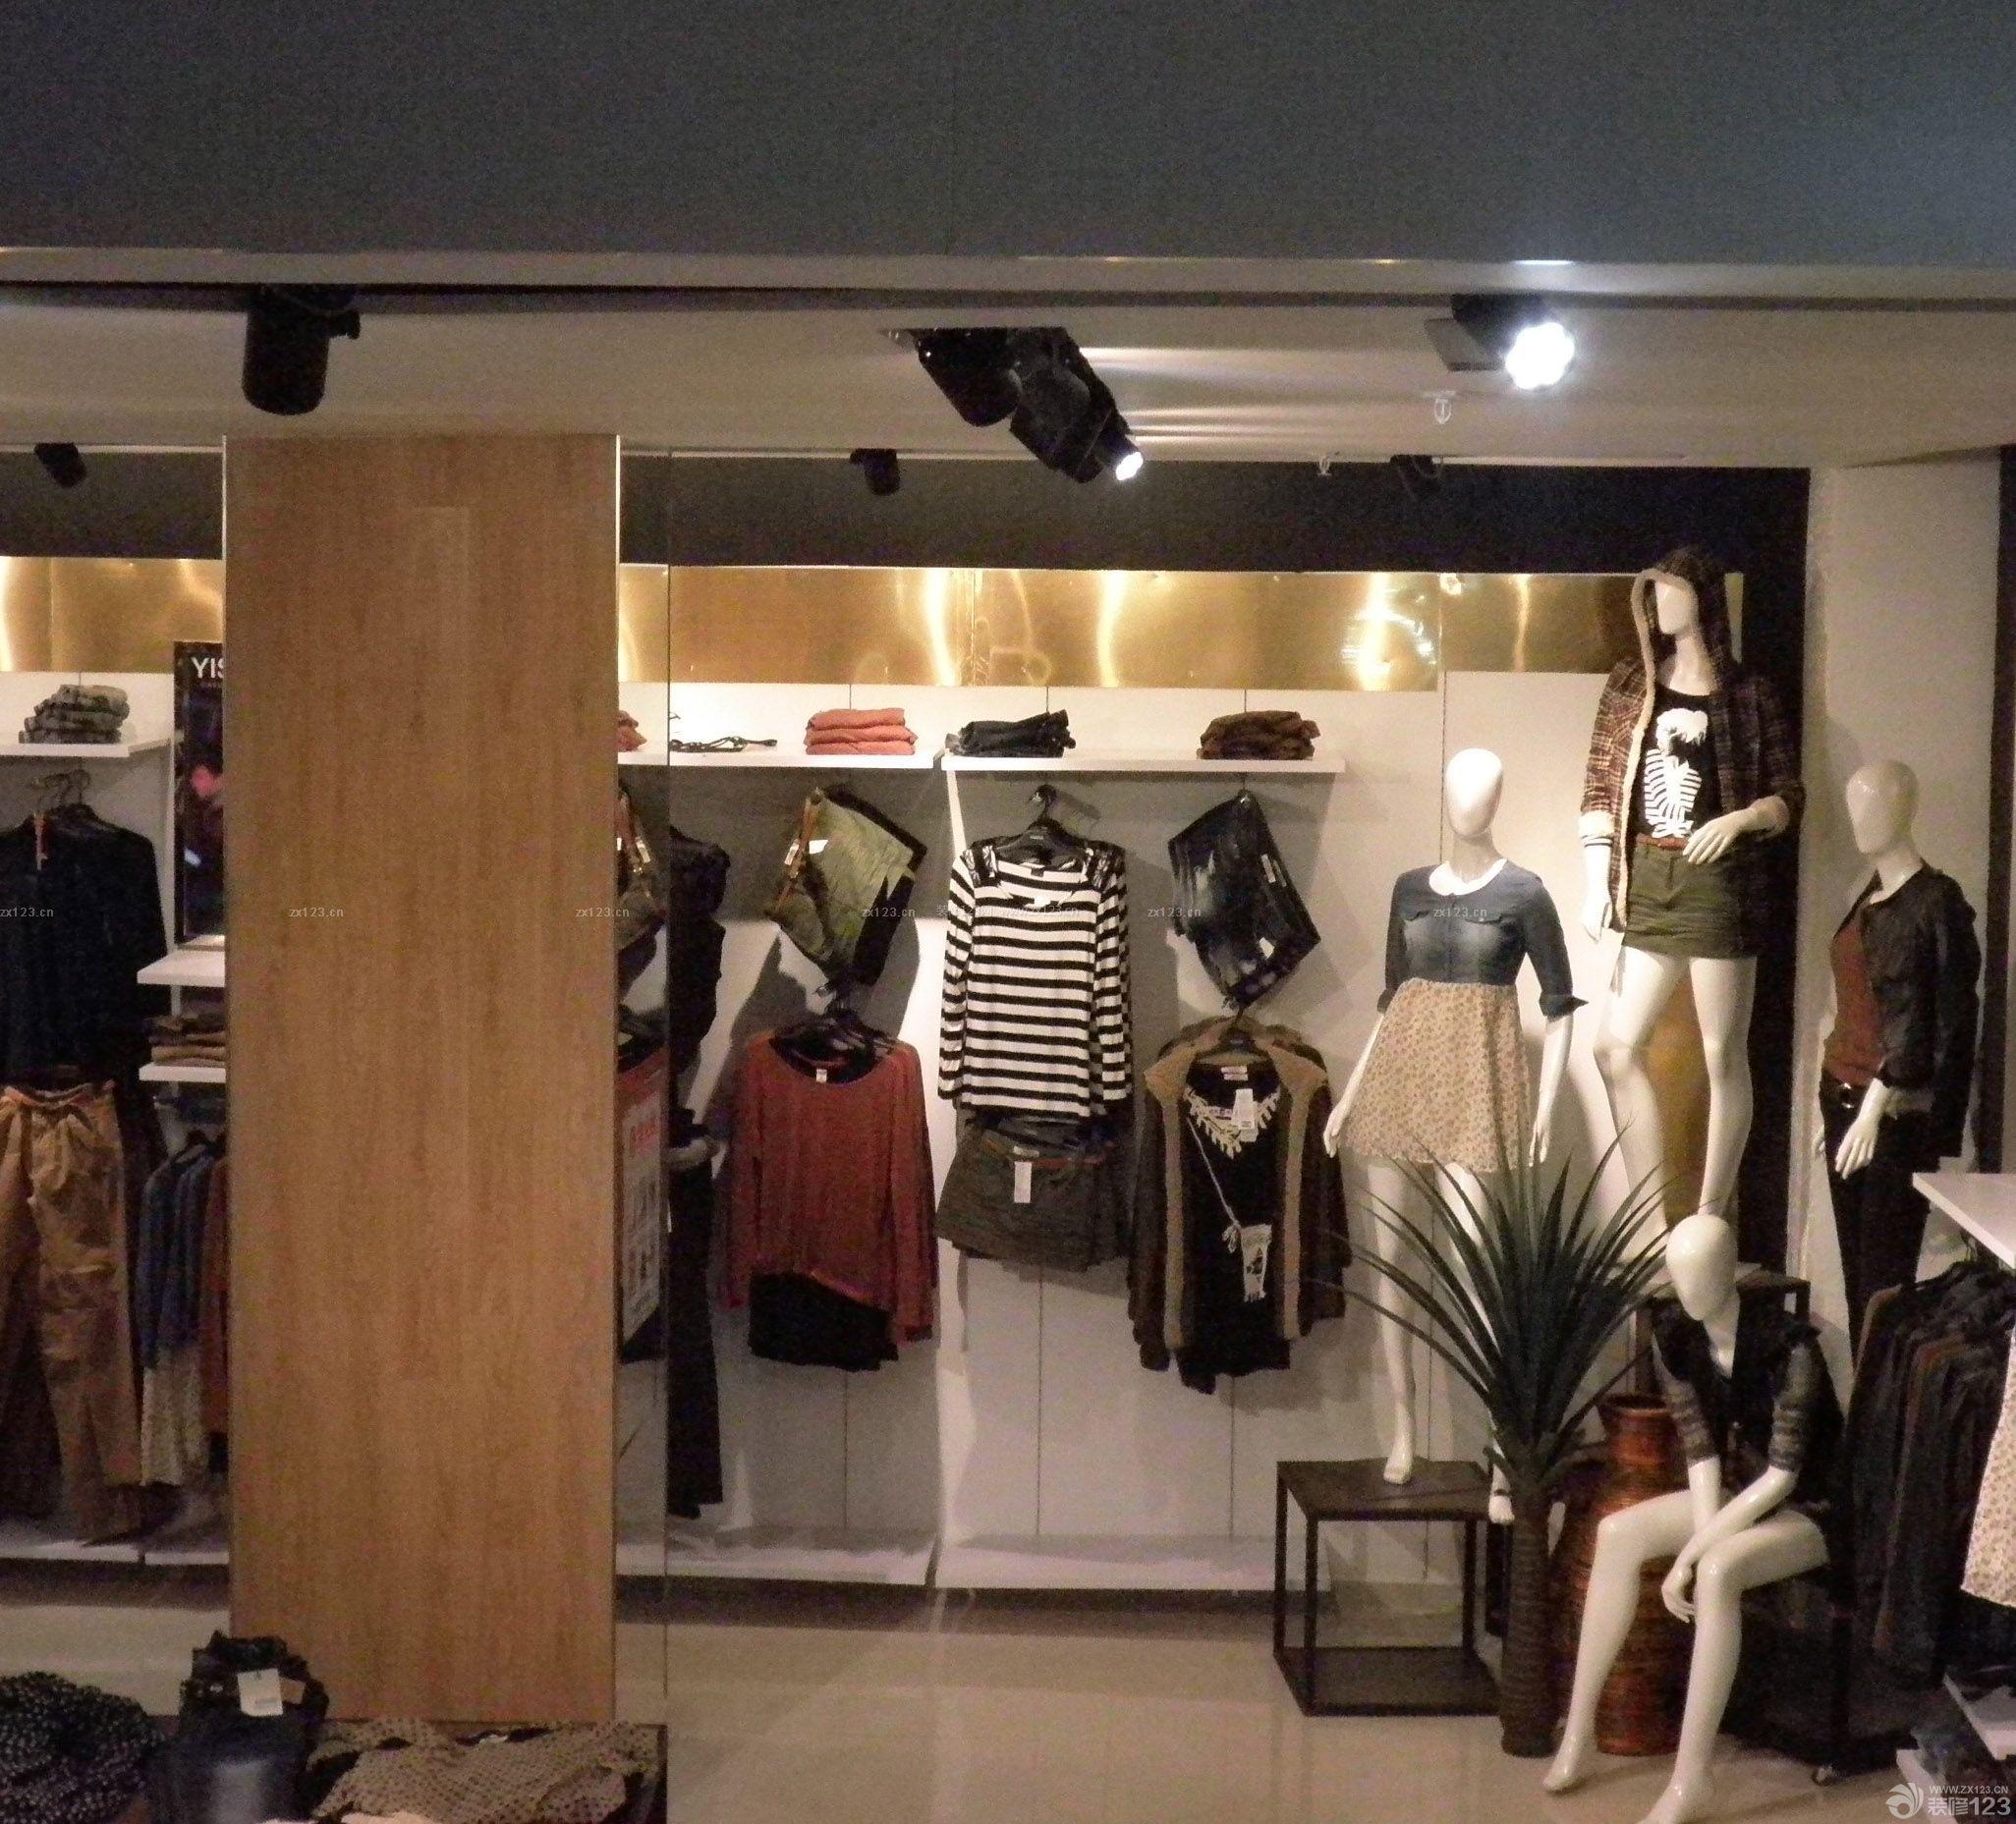 工装效果图 简约 简约风格小型服装店装修图片 提供者